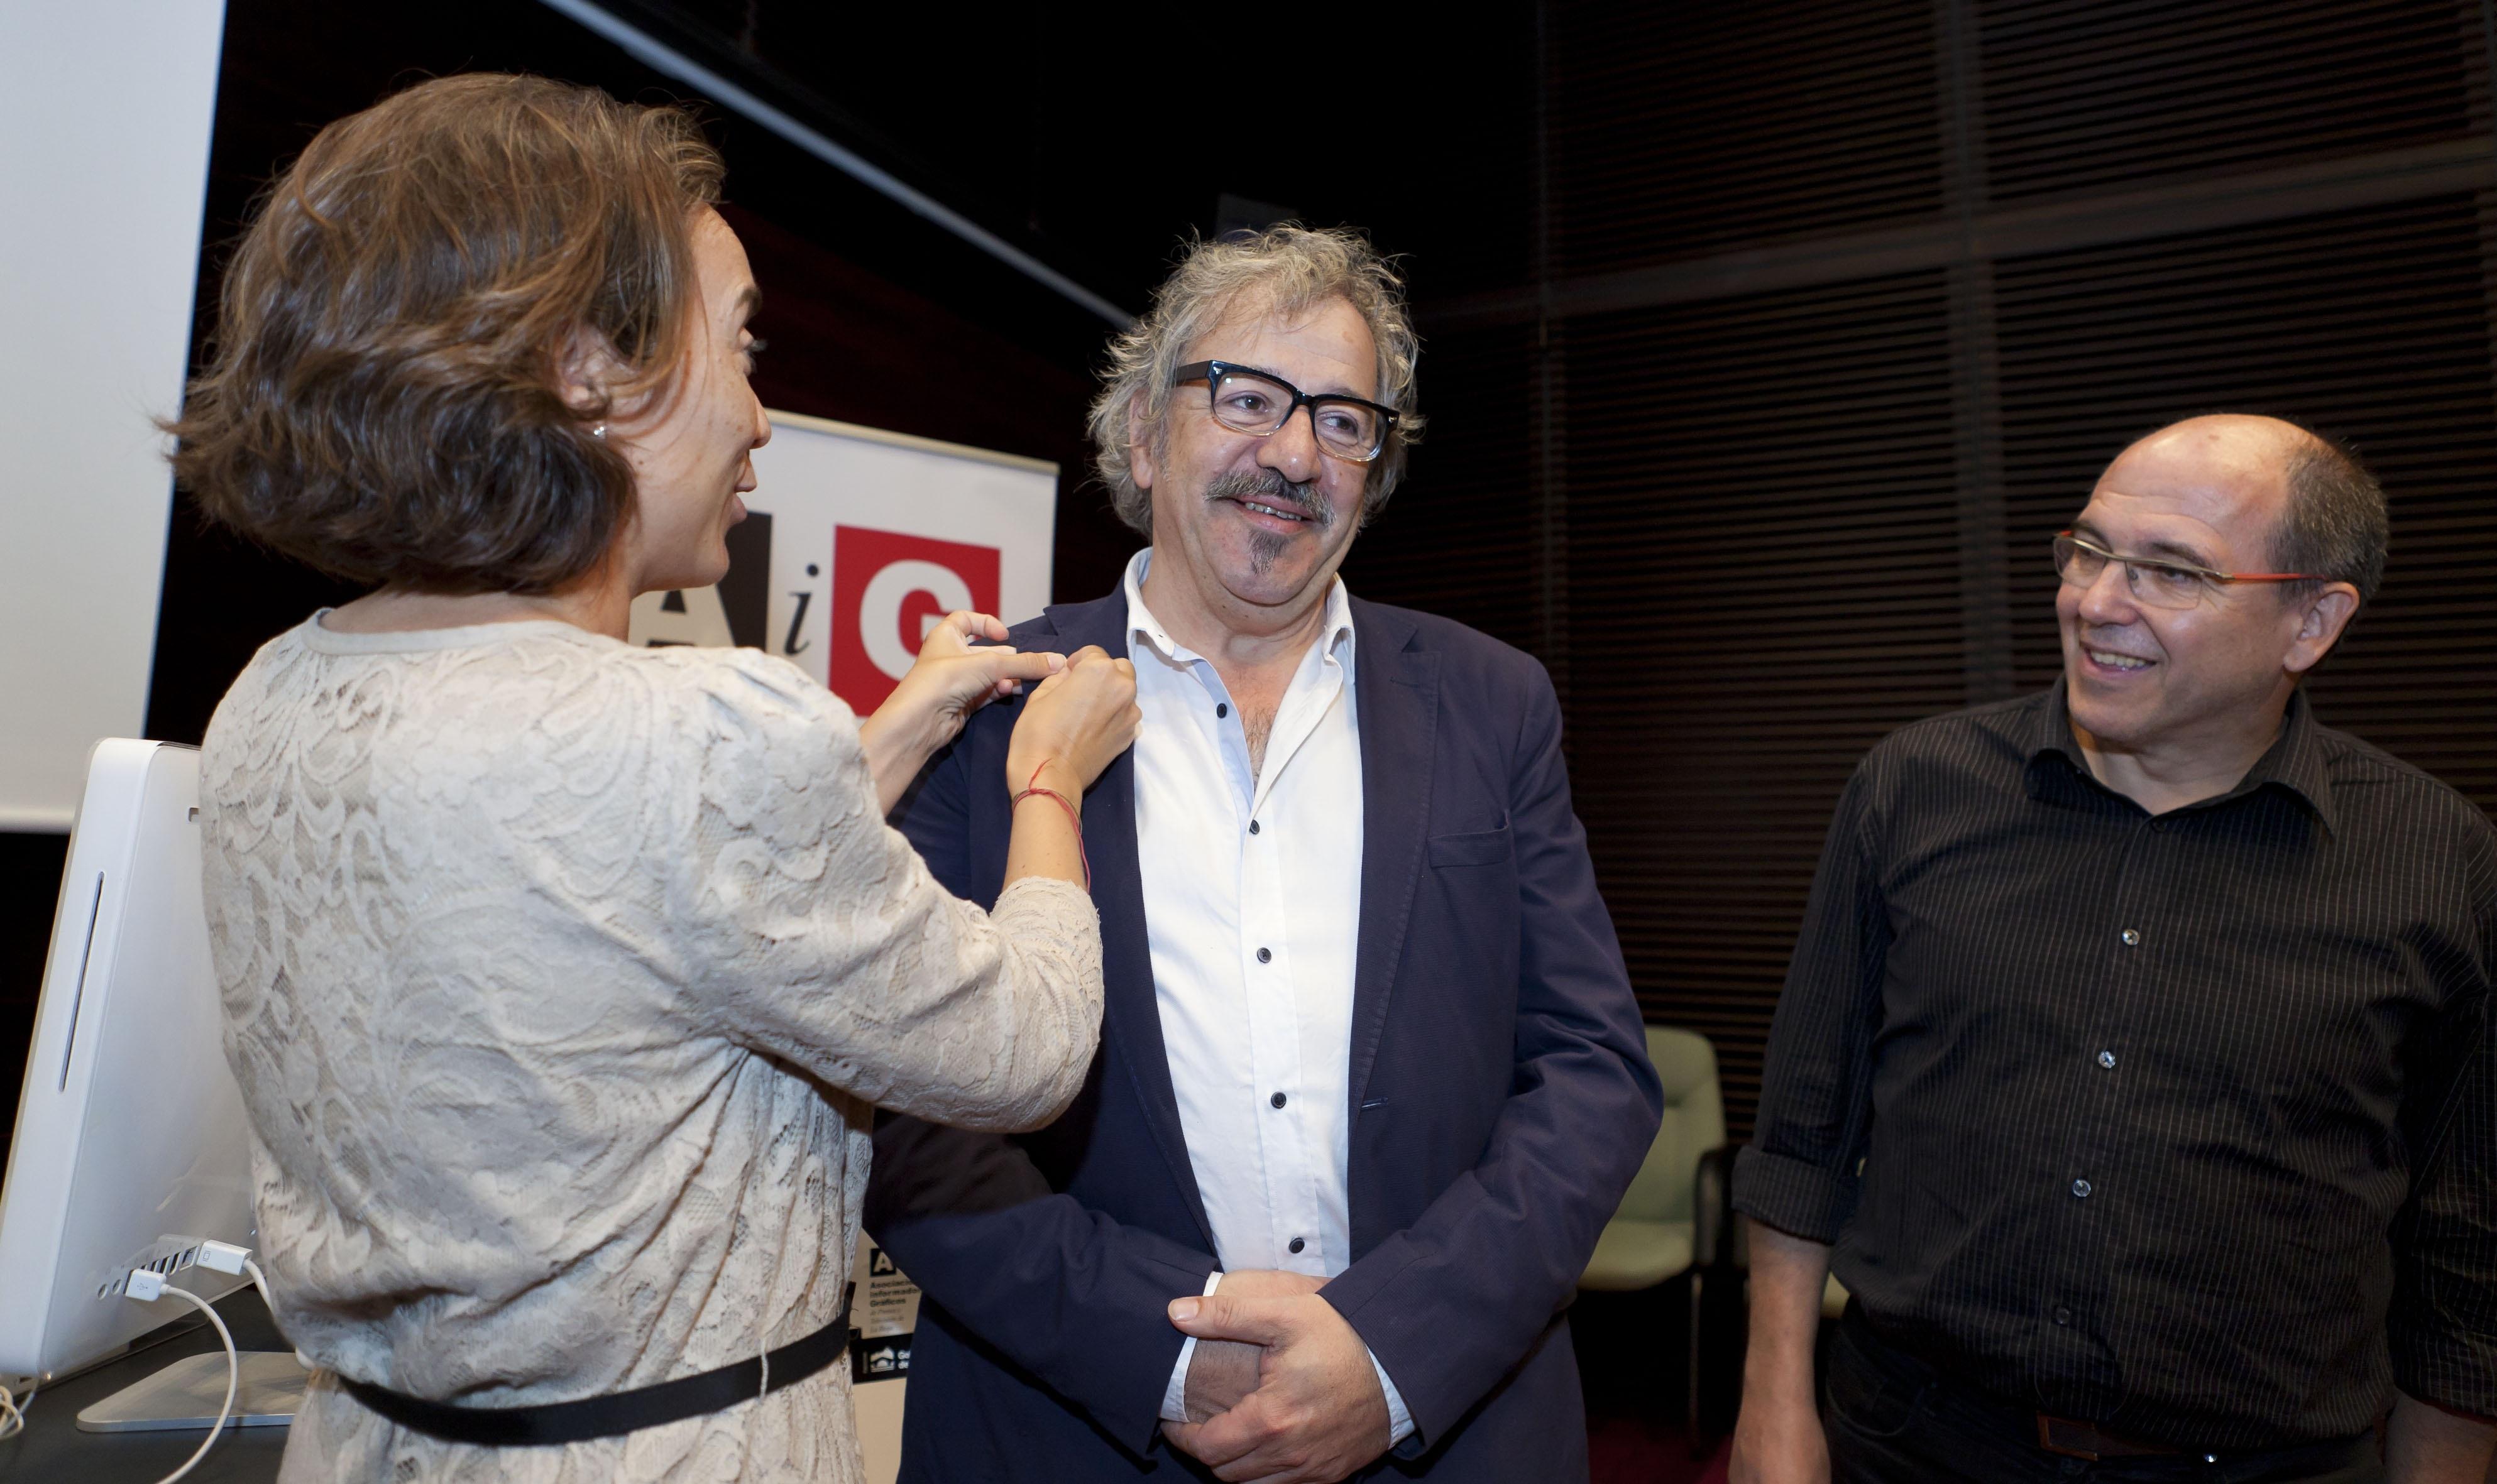 Gamarra entrega a Jesús Rocandio la insignia de oro de la Asociación de Informadores Gráficos de La Rioja